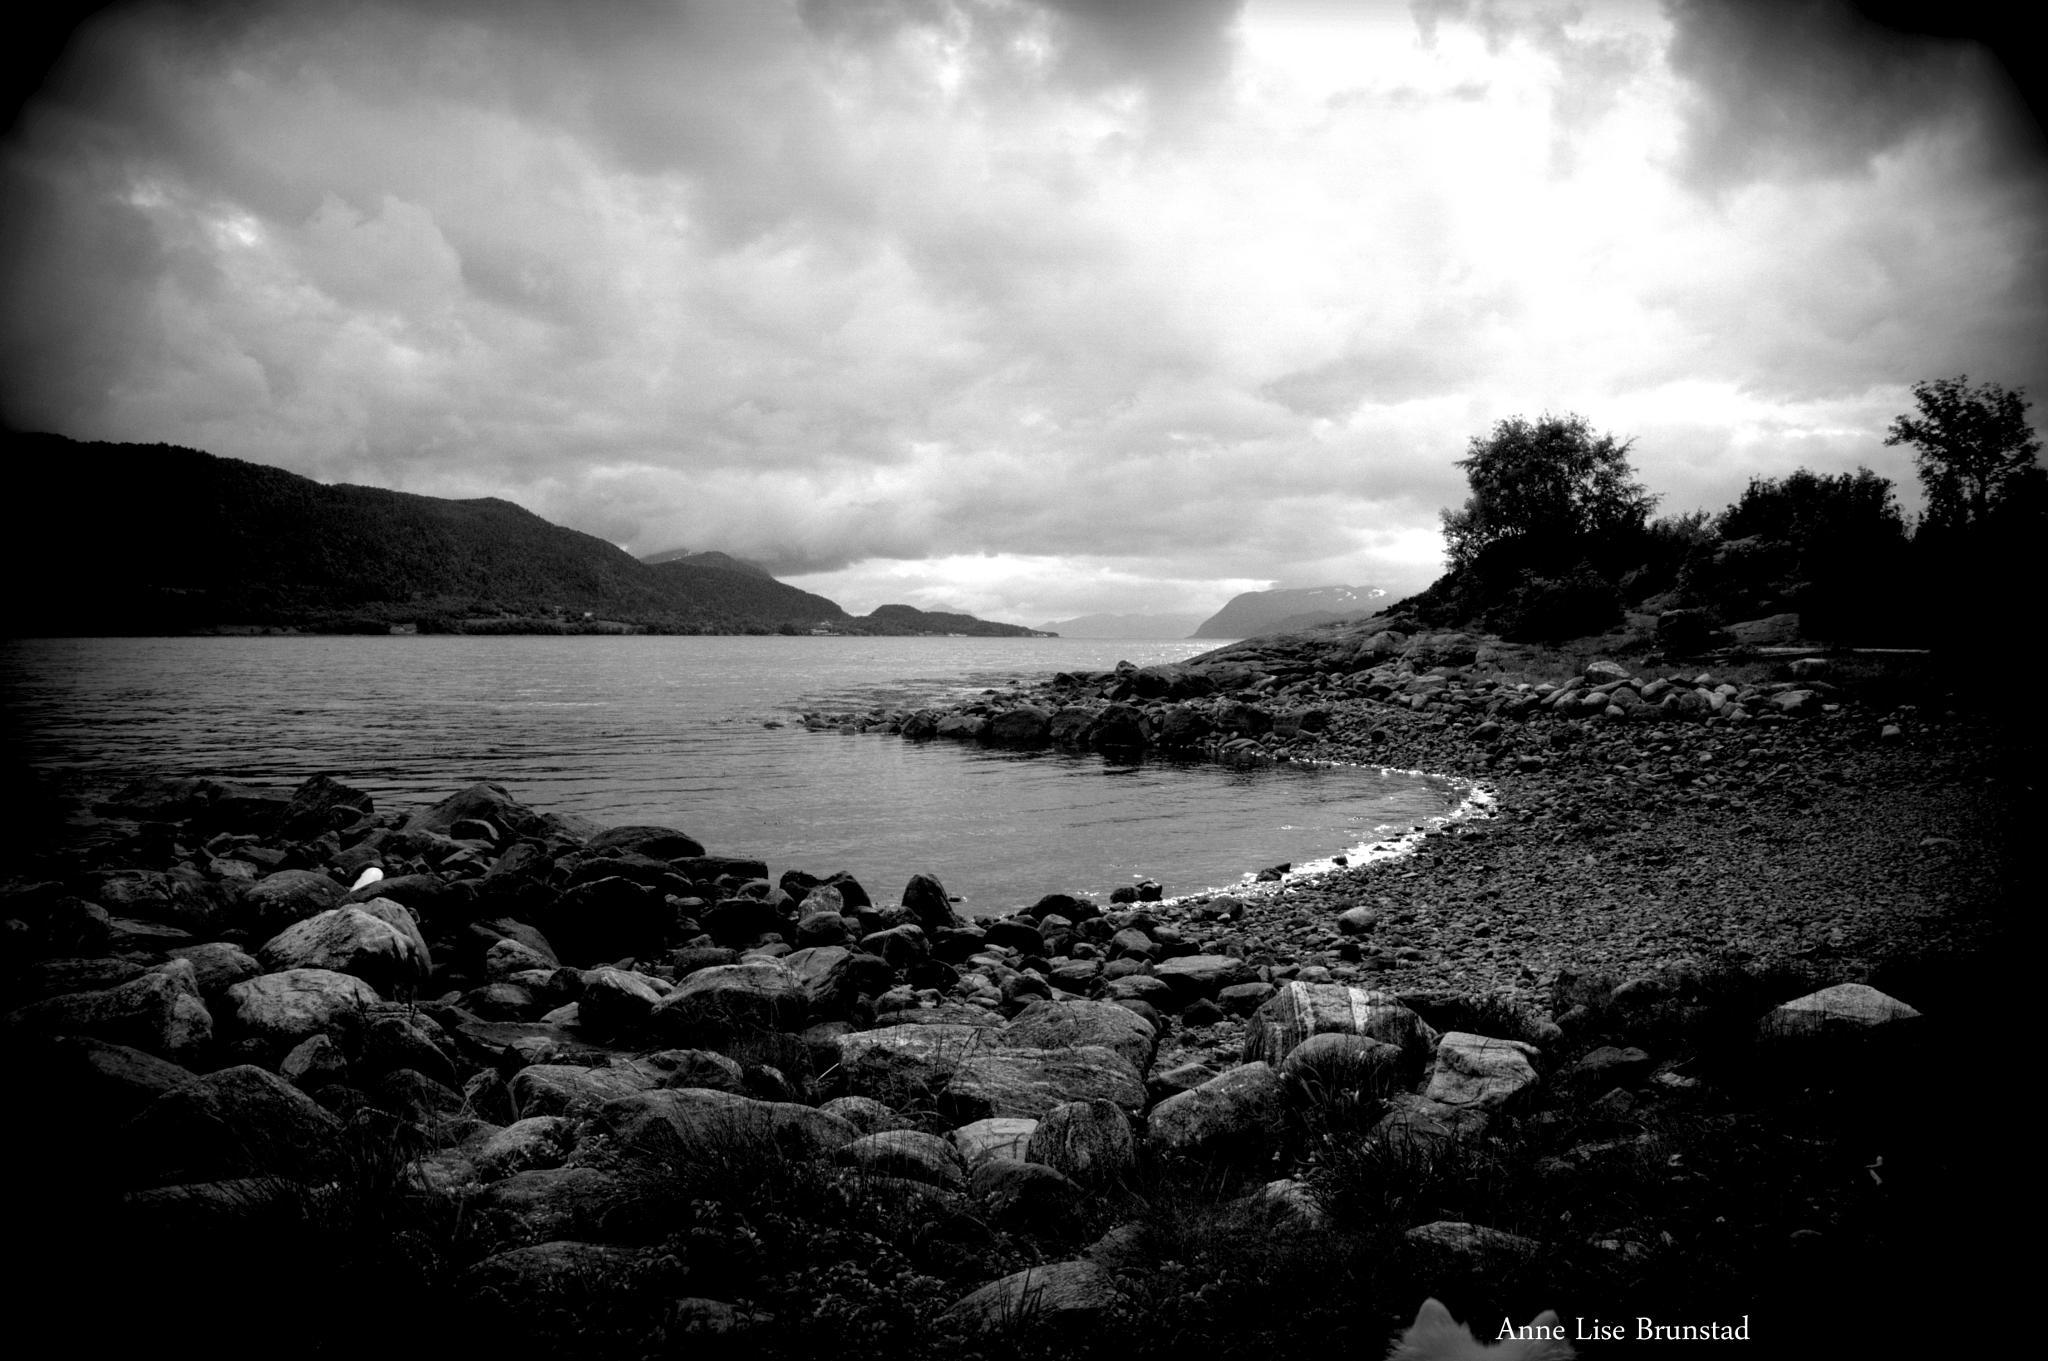 One dark day in summer Norway by anne.l.brunstad